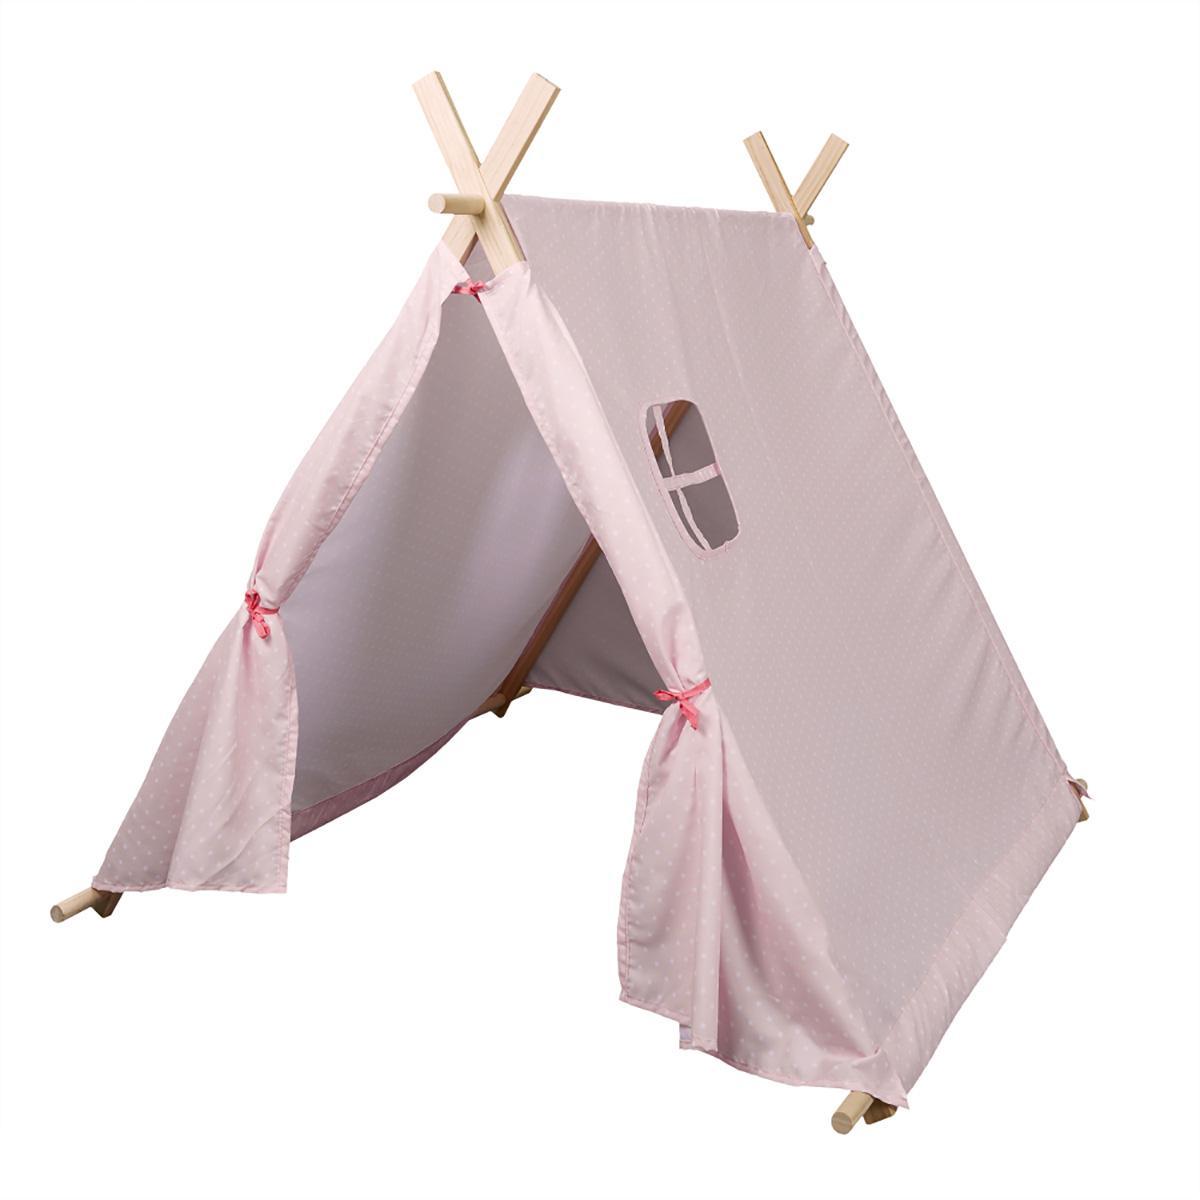 The Home Deco Factory Tente rose pour enfant